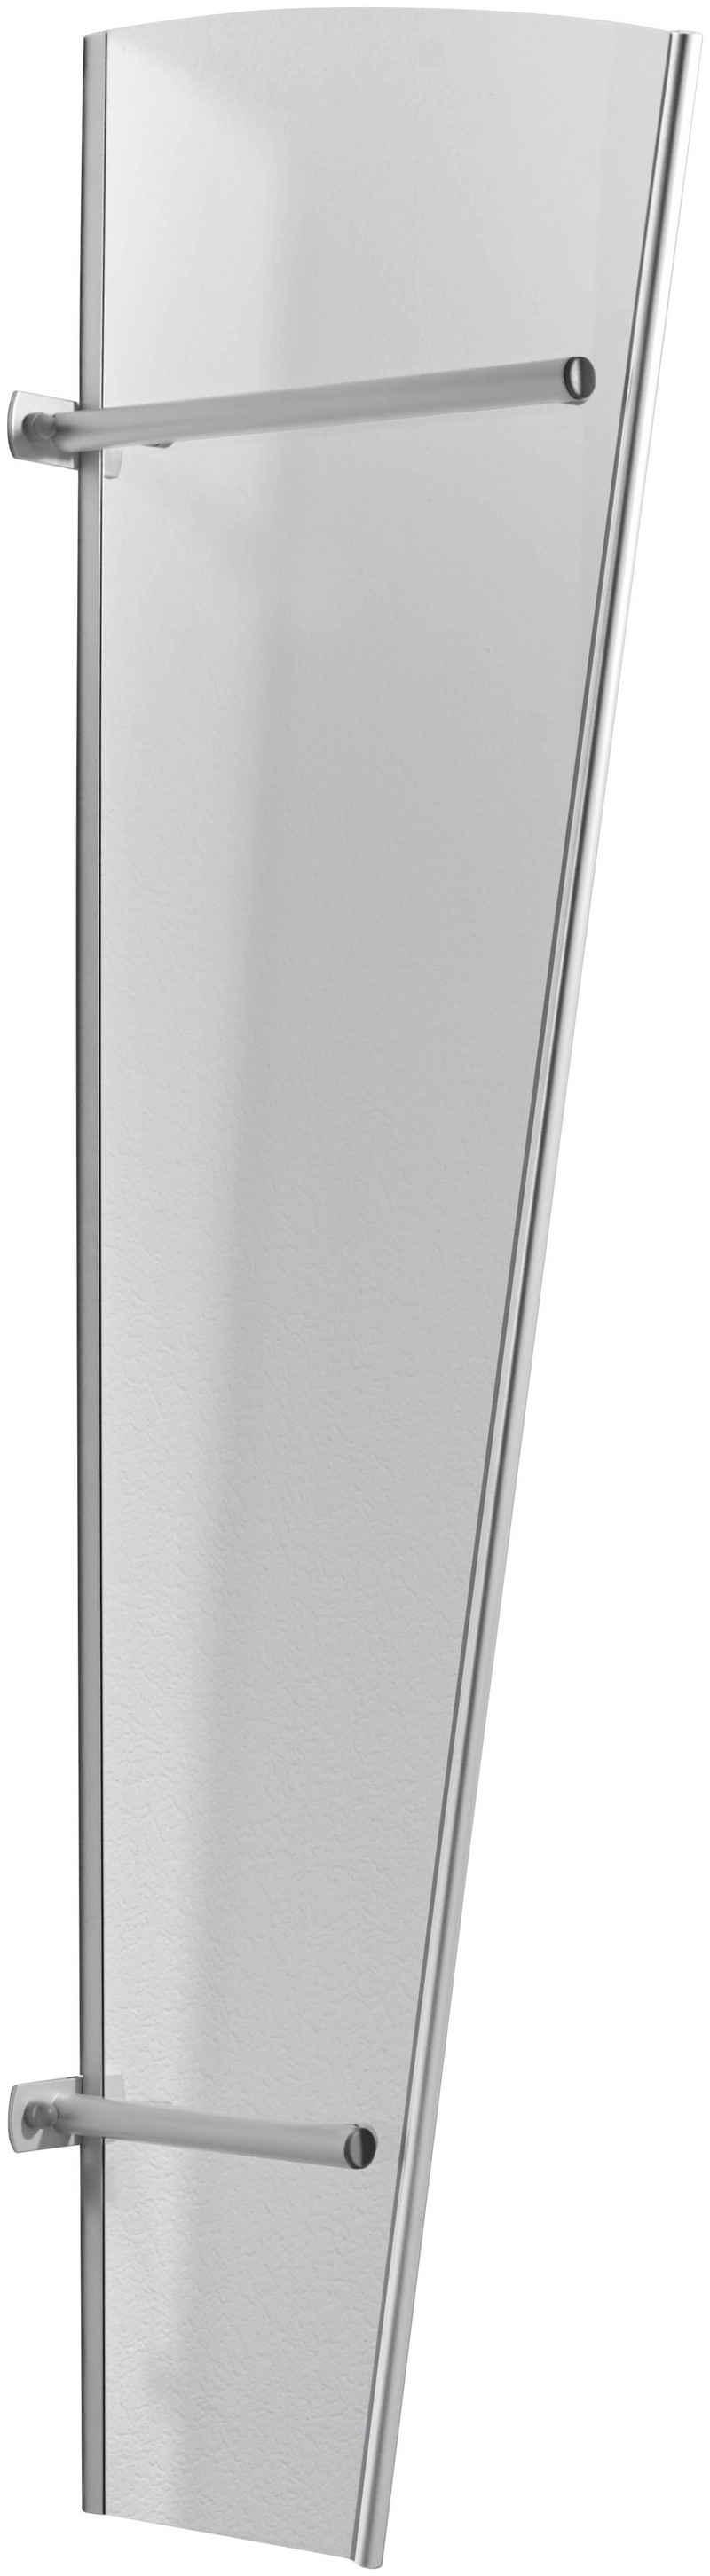 GUTTA Seitenblende »PT/ET Acryl«, TxH: 30-60x185 cm